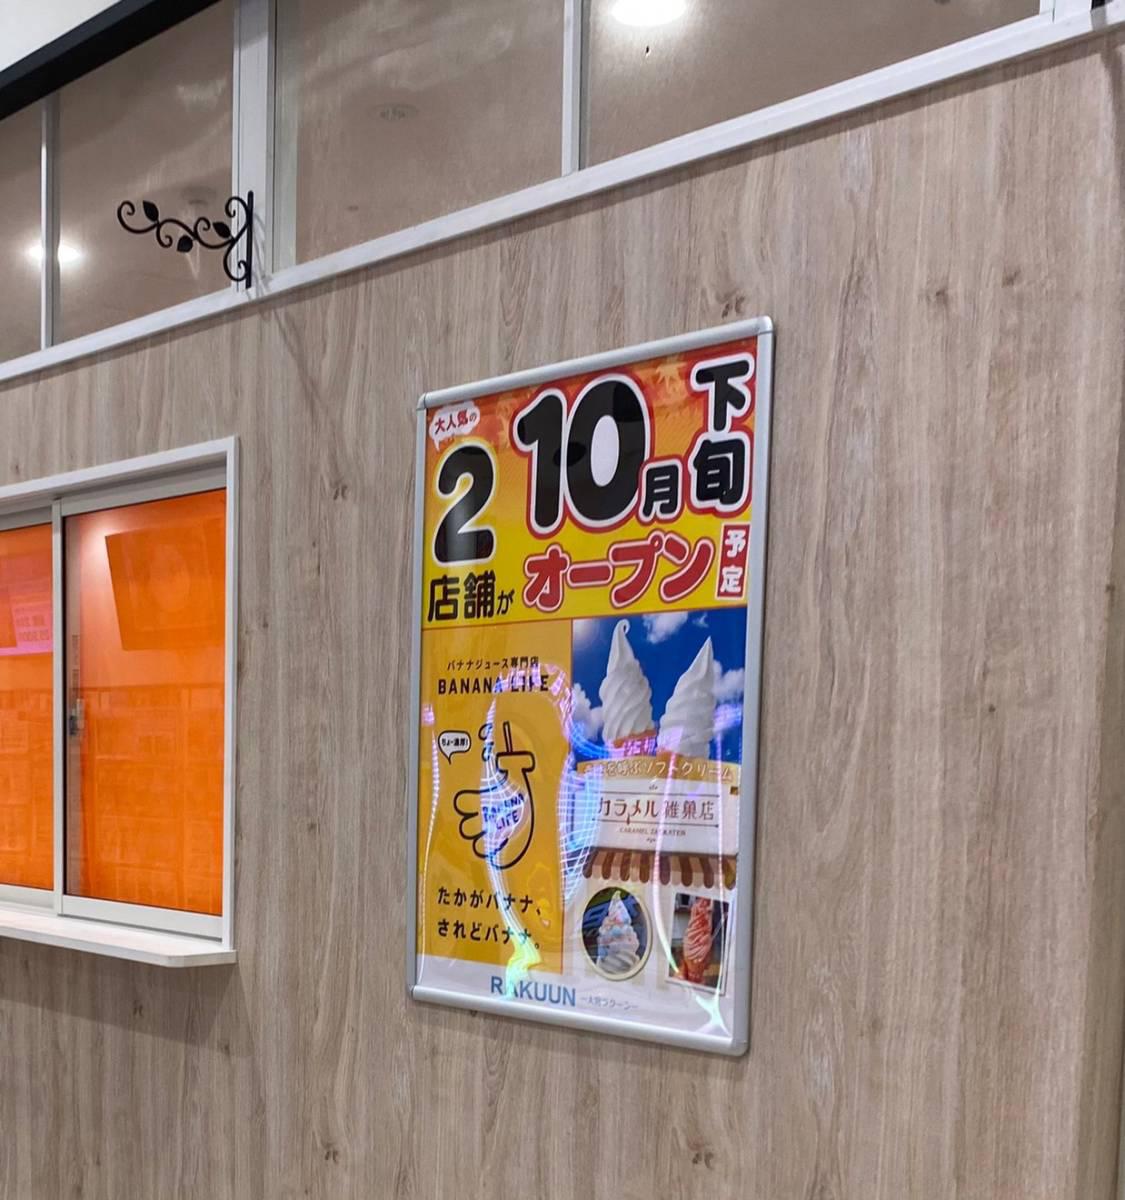 大宮ラクーンにバナナジュース専門店『バナナライフ』とアイスクリームのお店『カラメル雑菓店』の大人気2店舗が2021年10月上旬オープン予定!